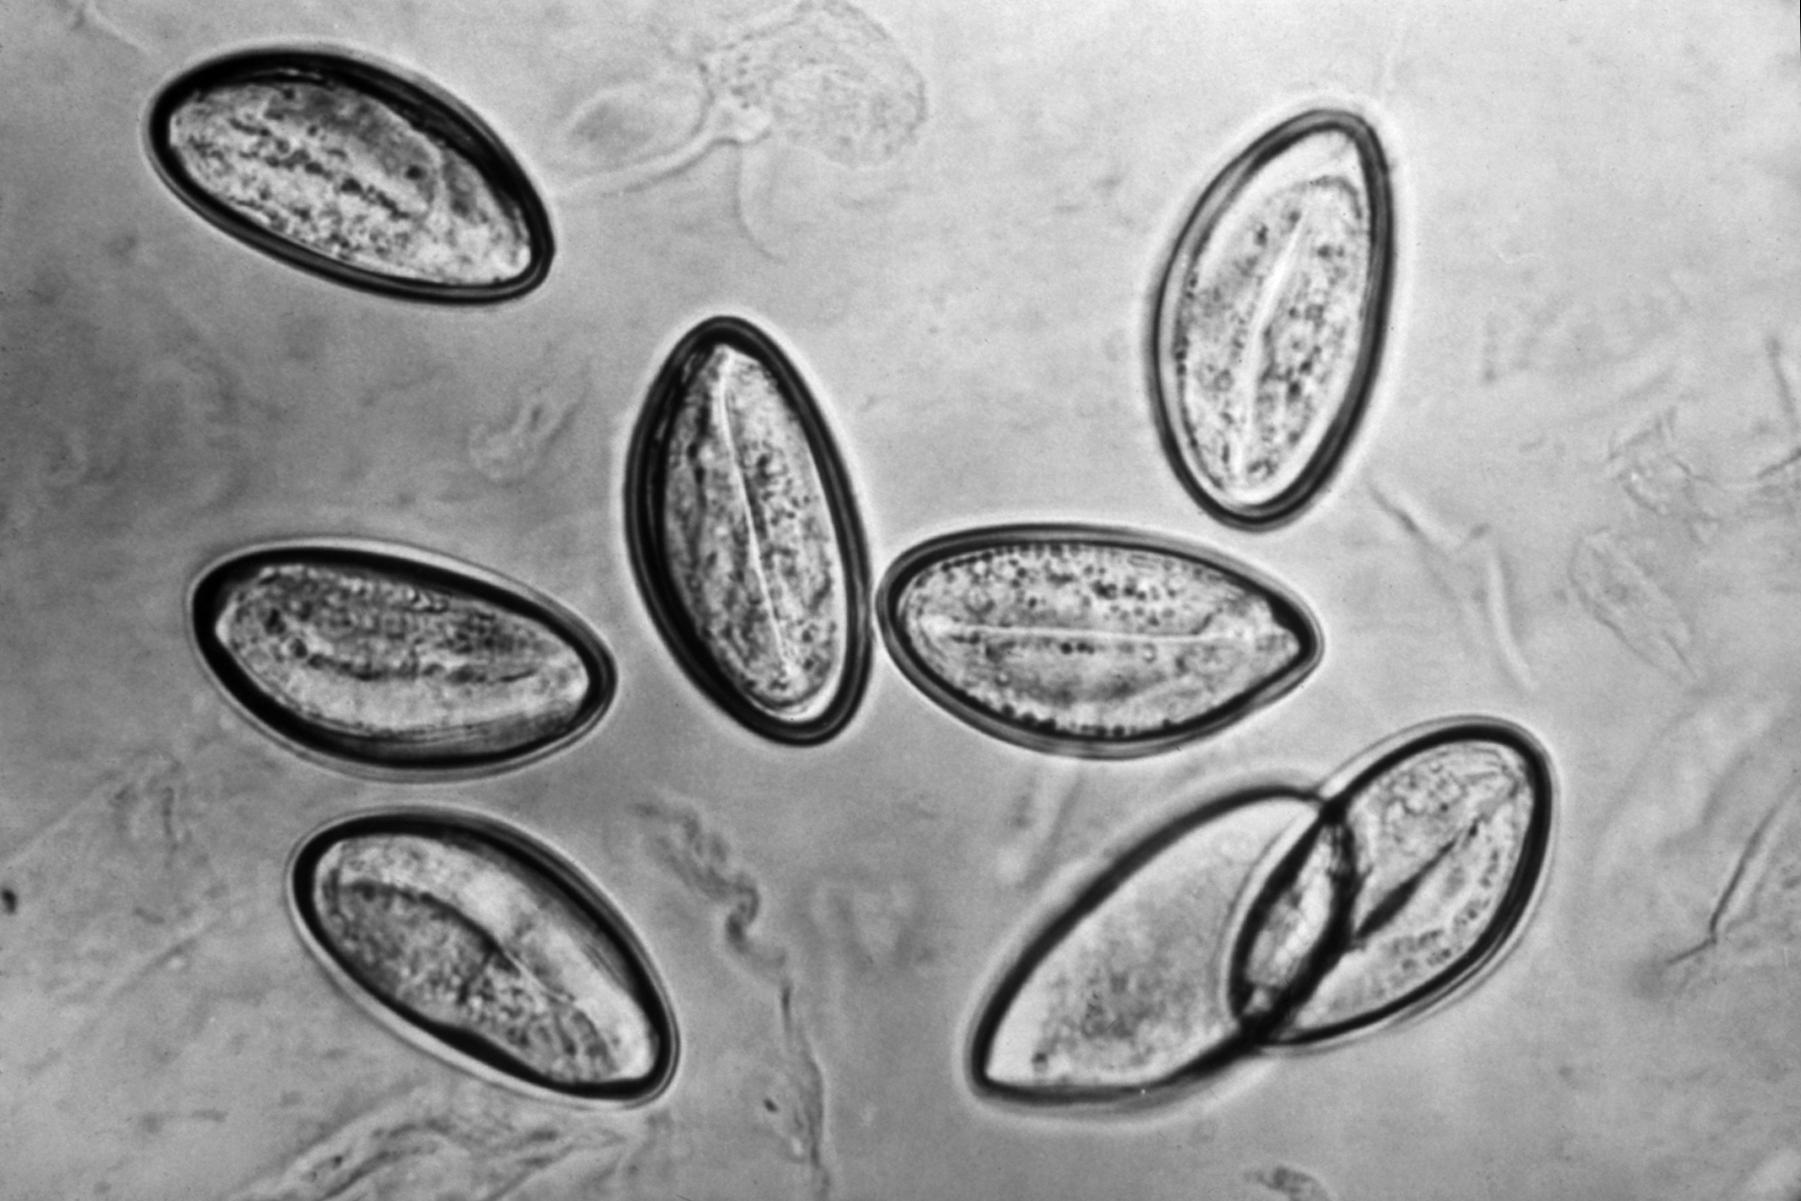 enterobius vermicularis scotch test)